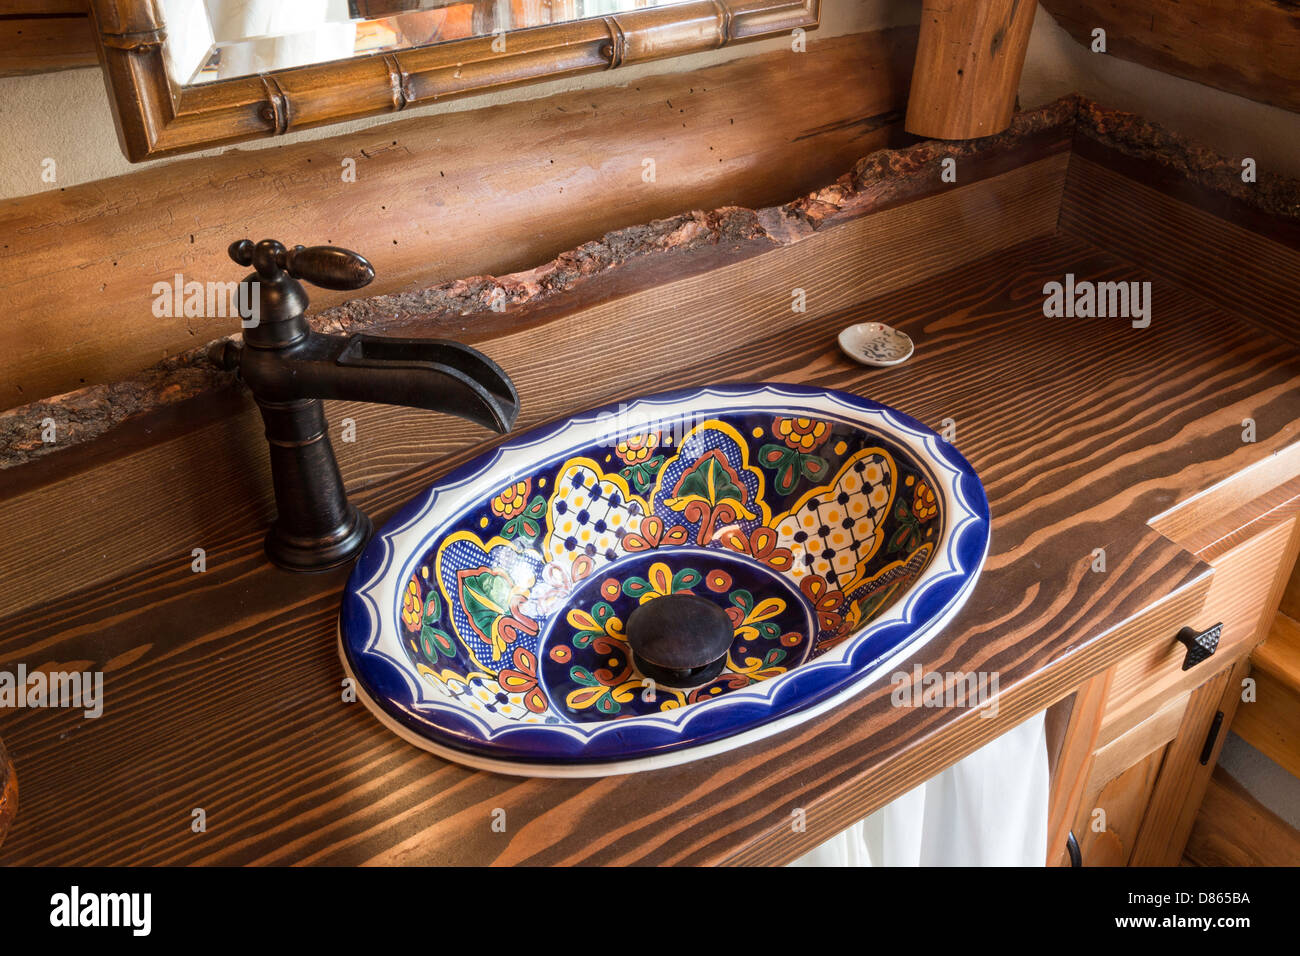 Arredo bagno lavabo foto & immagine stock: 56684302 alamy